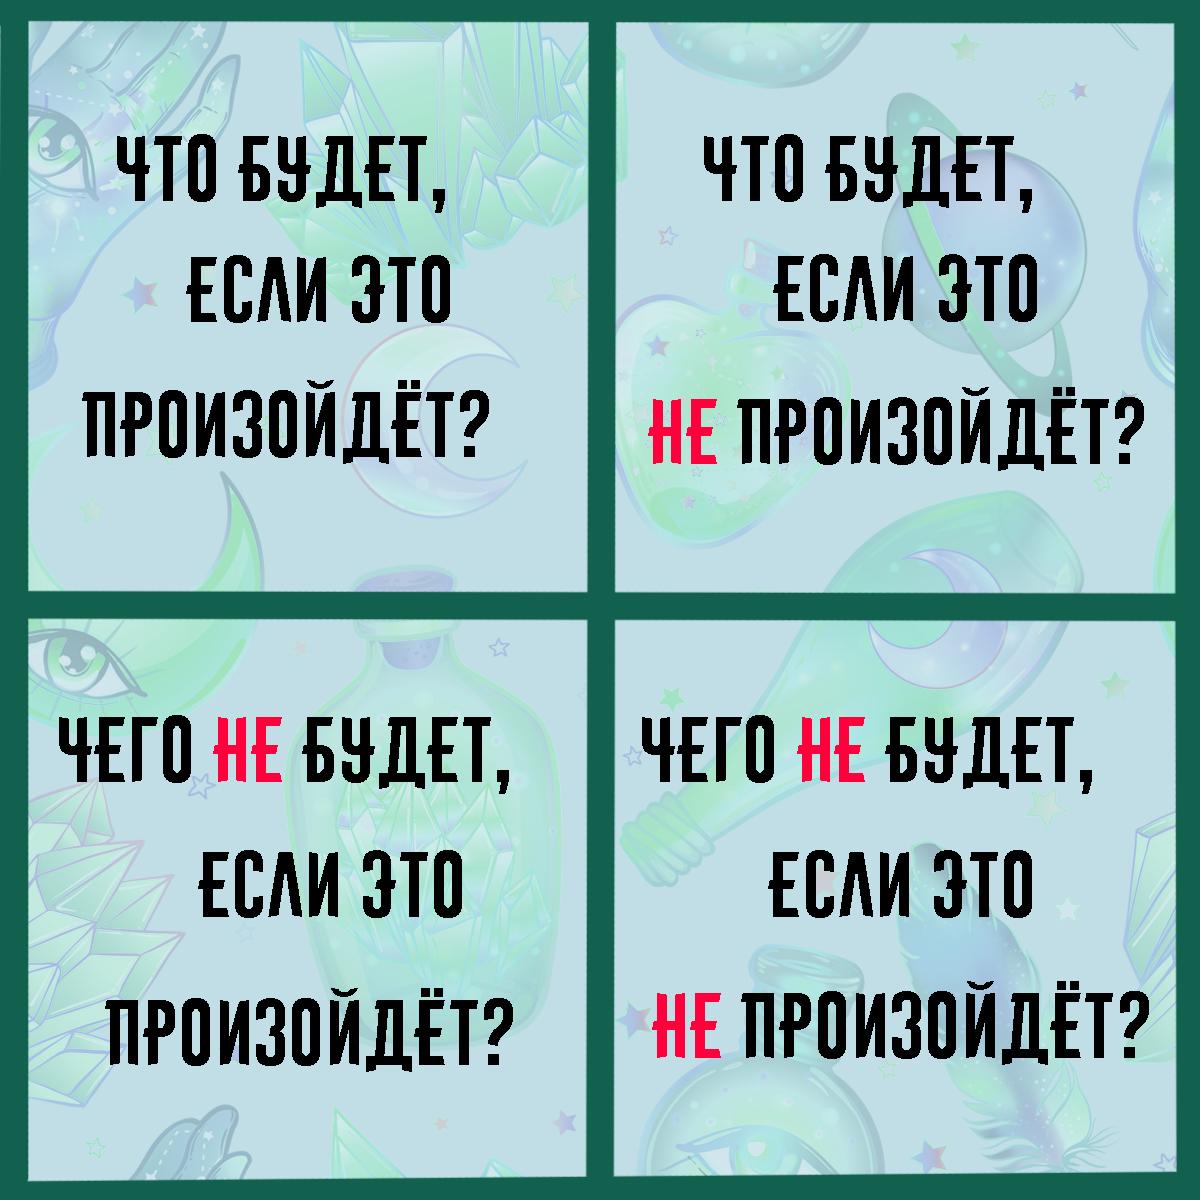 tehnika-prinyatiya-reshenij-kvadrat-dekarta